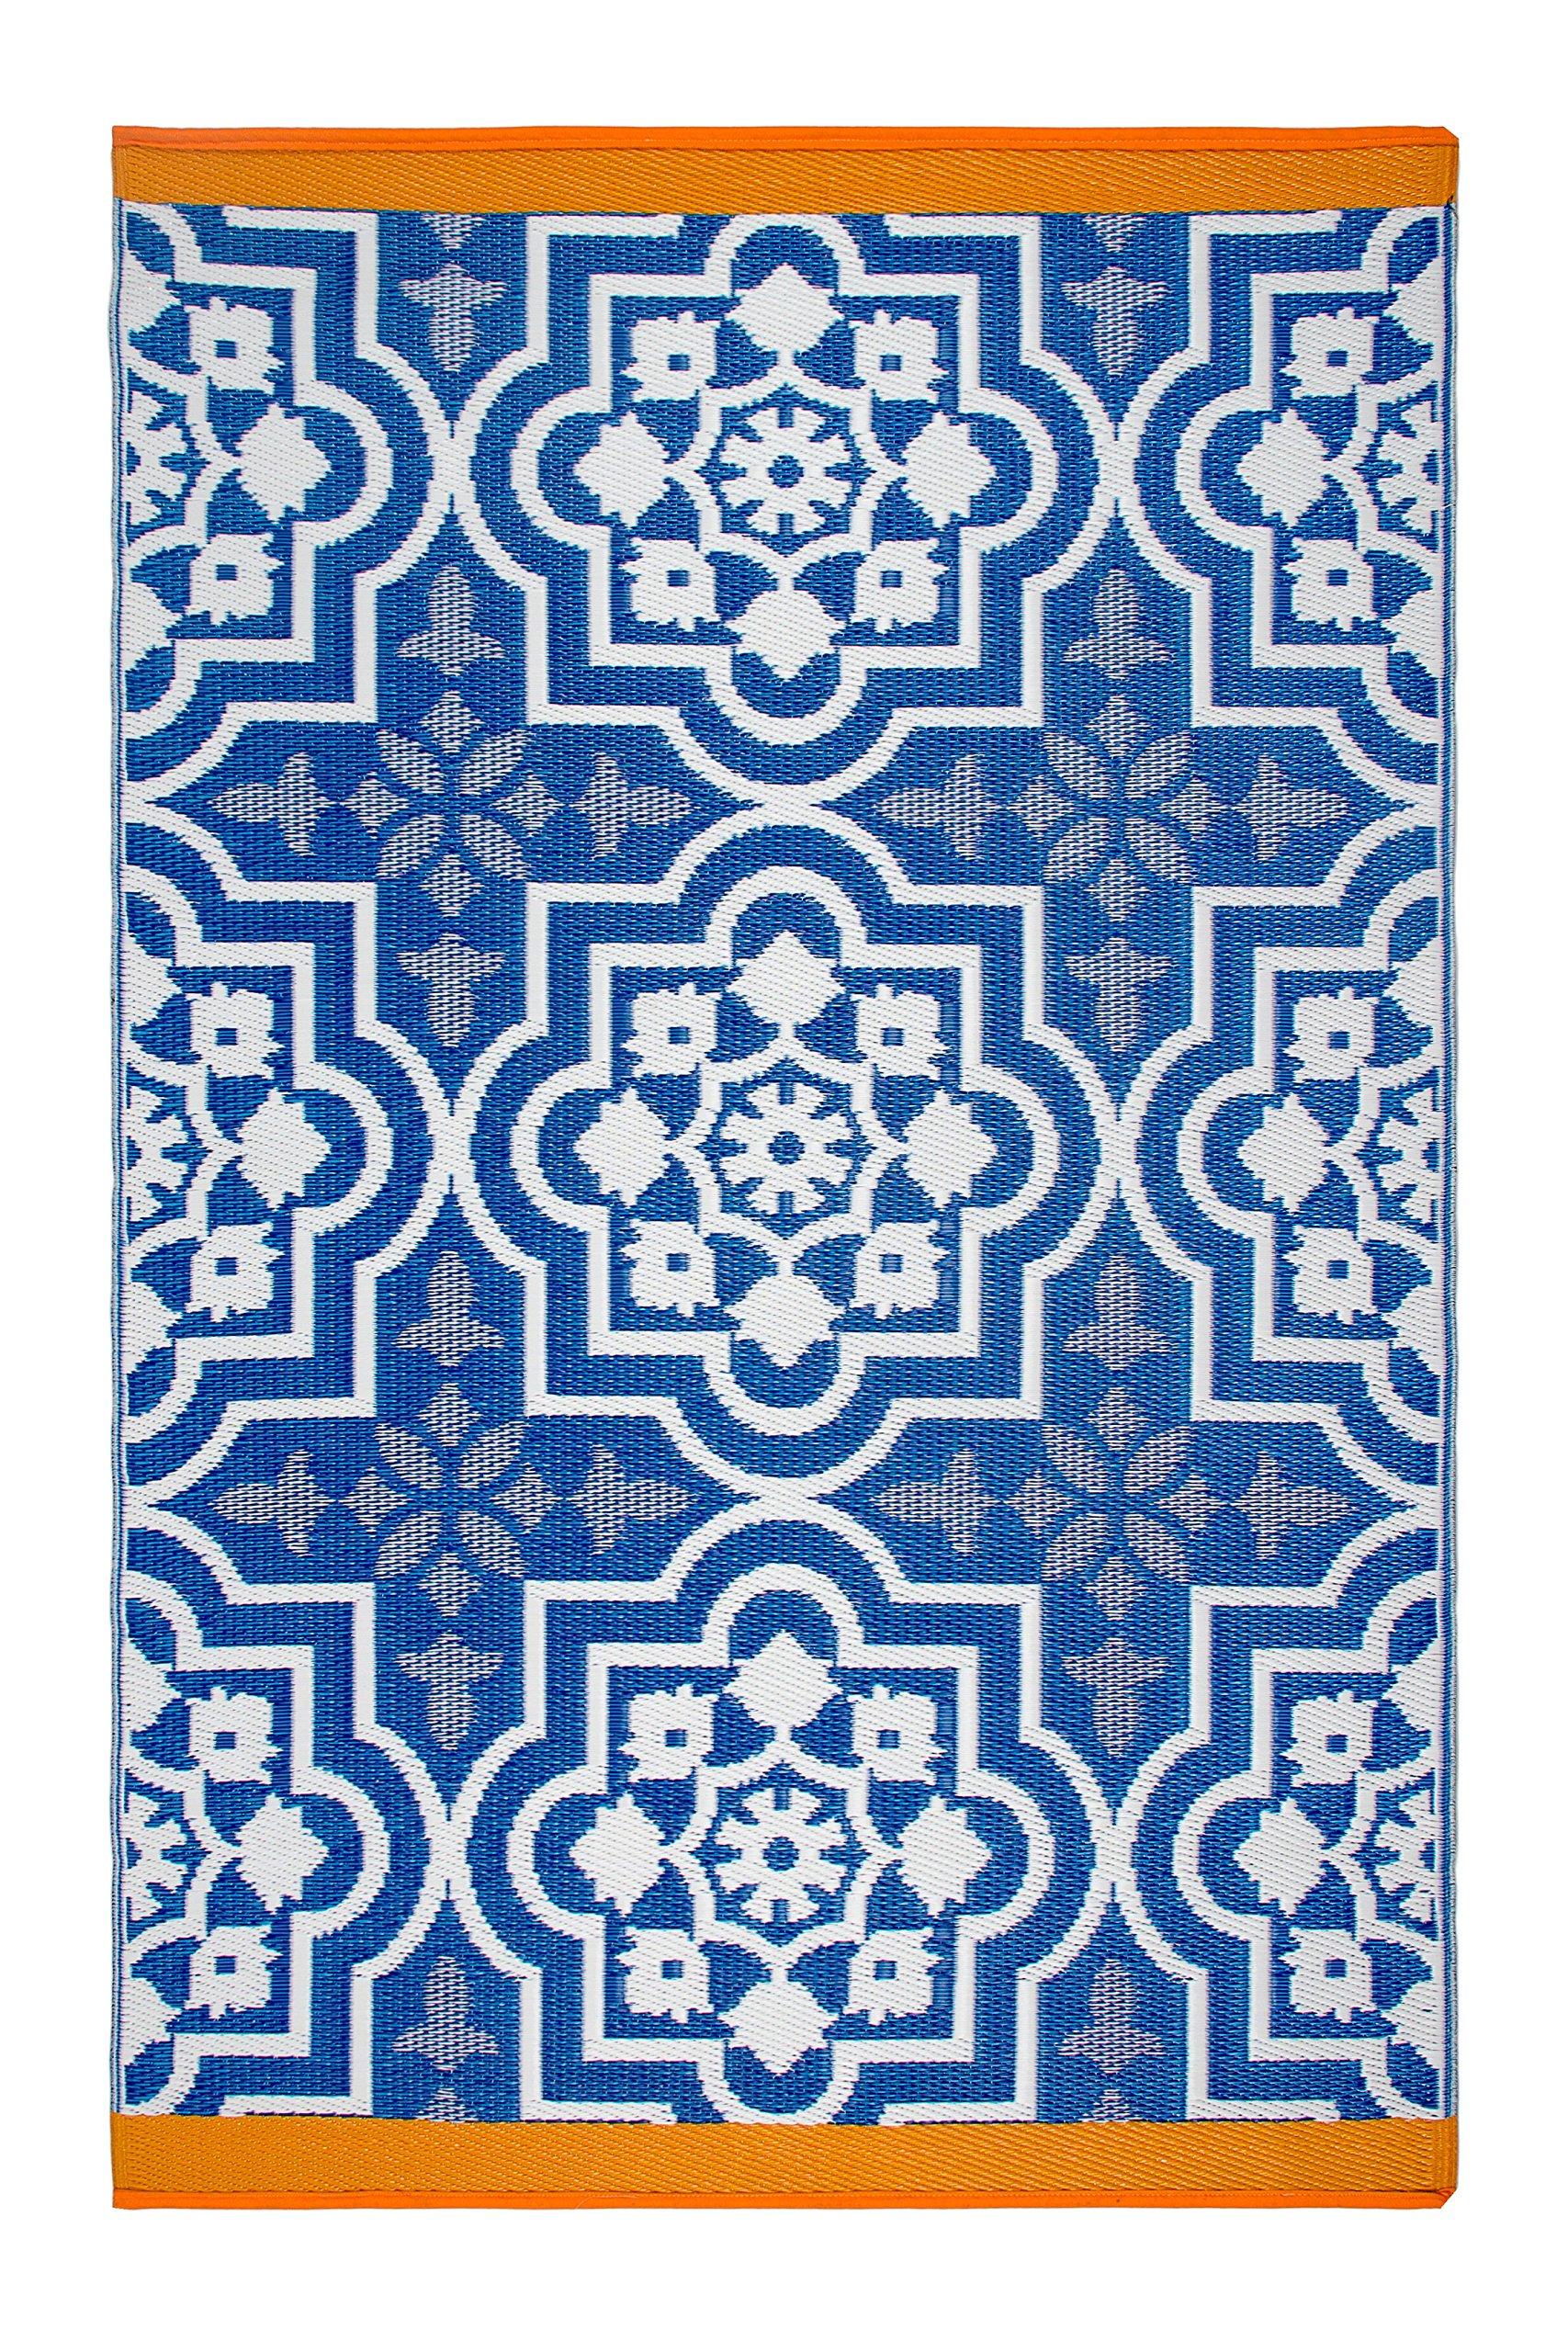 Fab Habitat Reversible, Indoor/Outdoor Weather Resistant Floor Mat/Rug - Puebla - Blue (5' x 8')